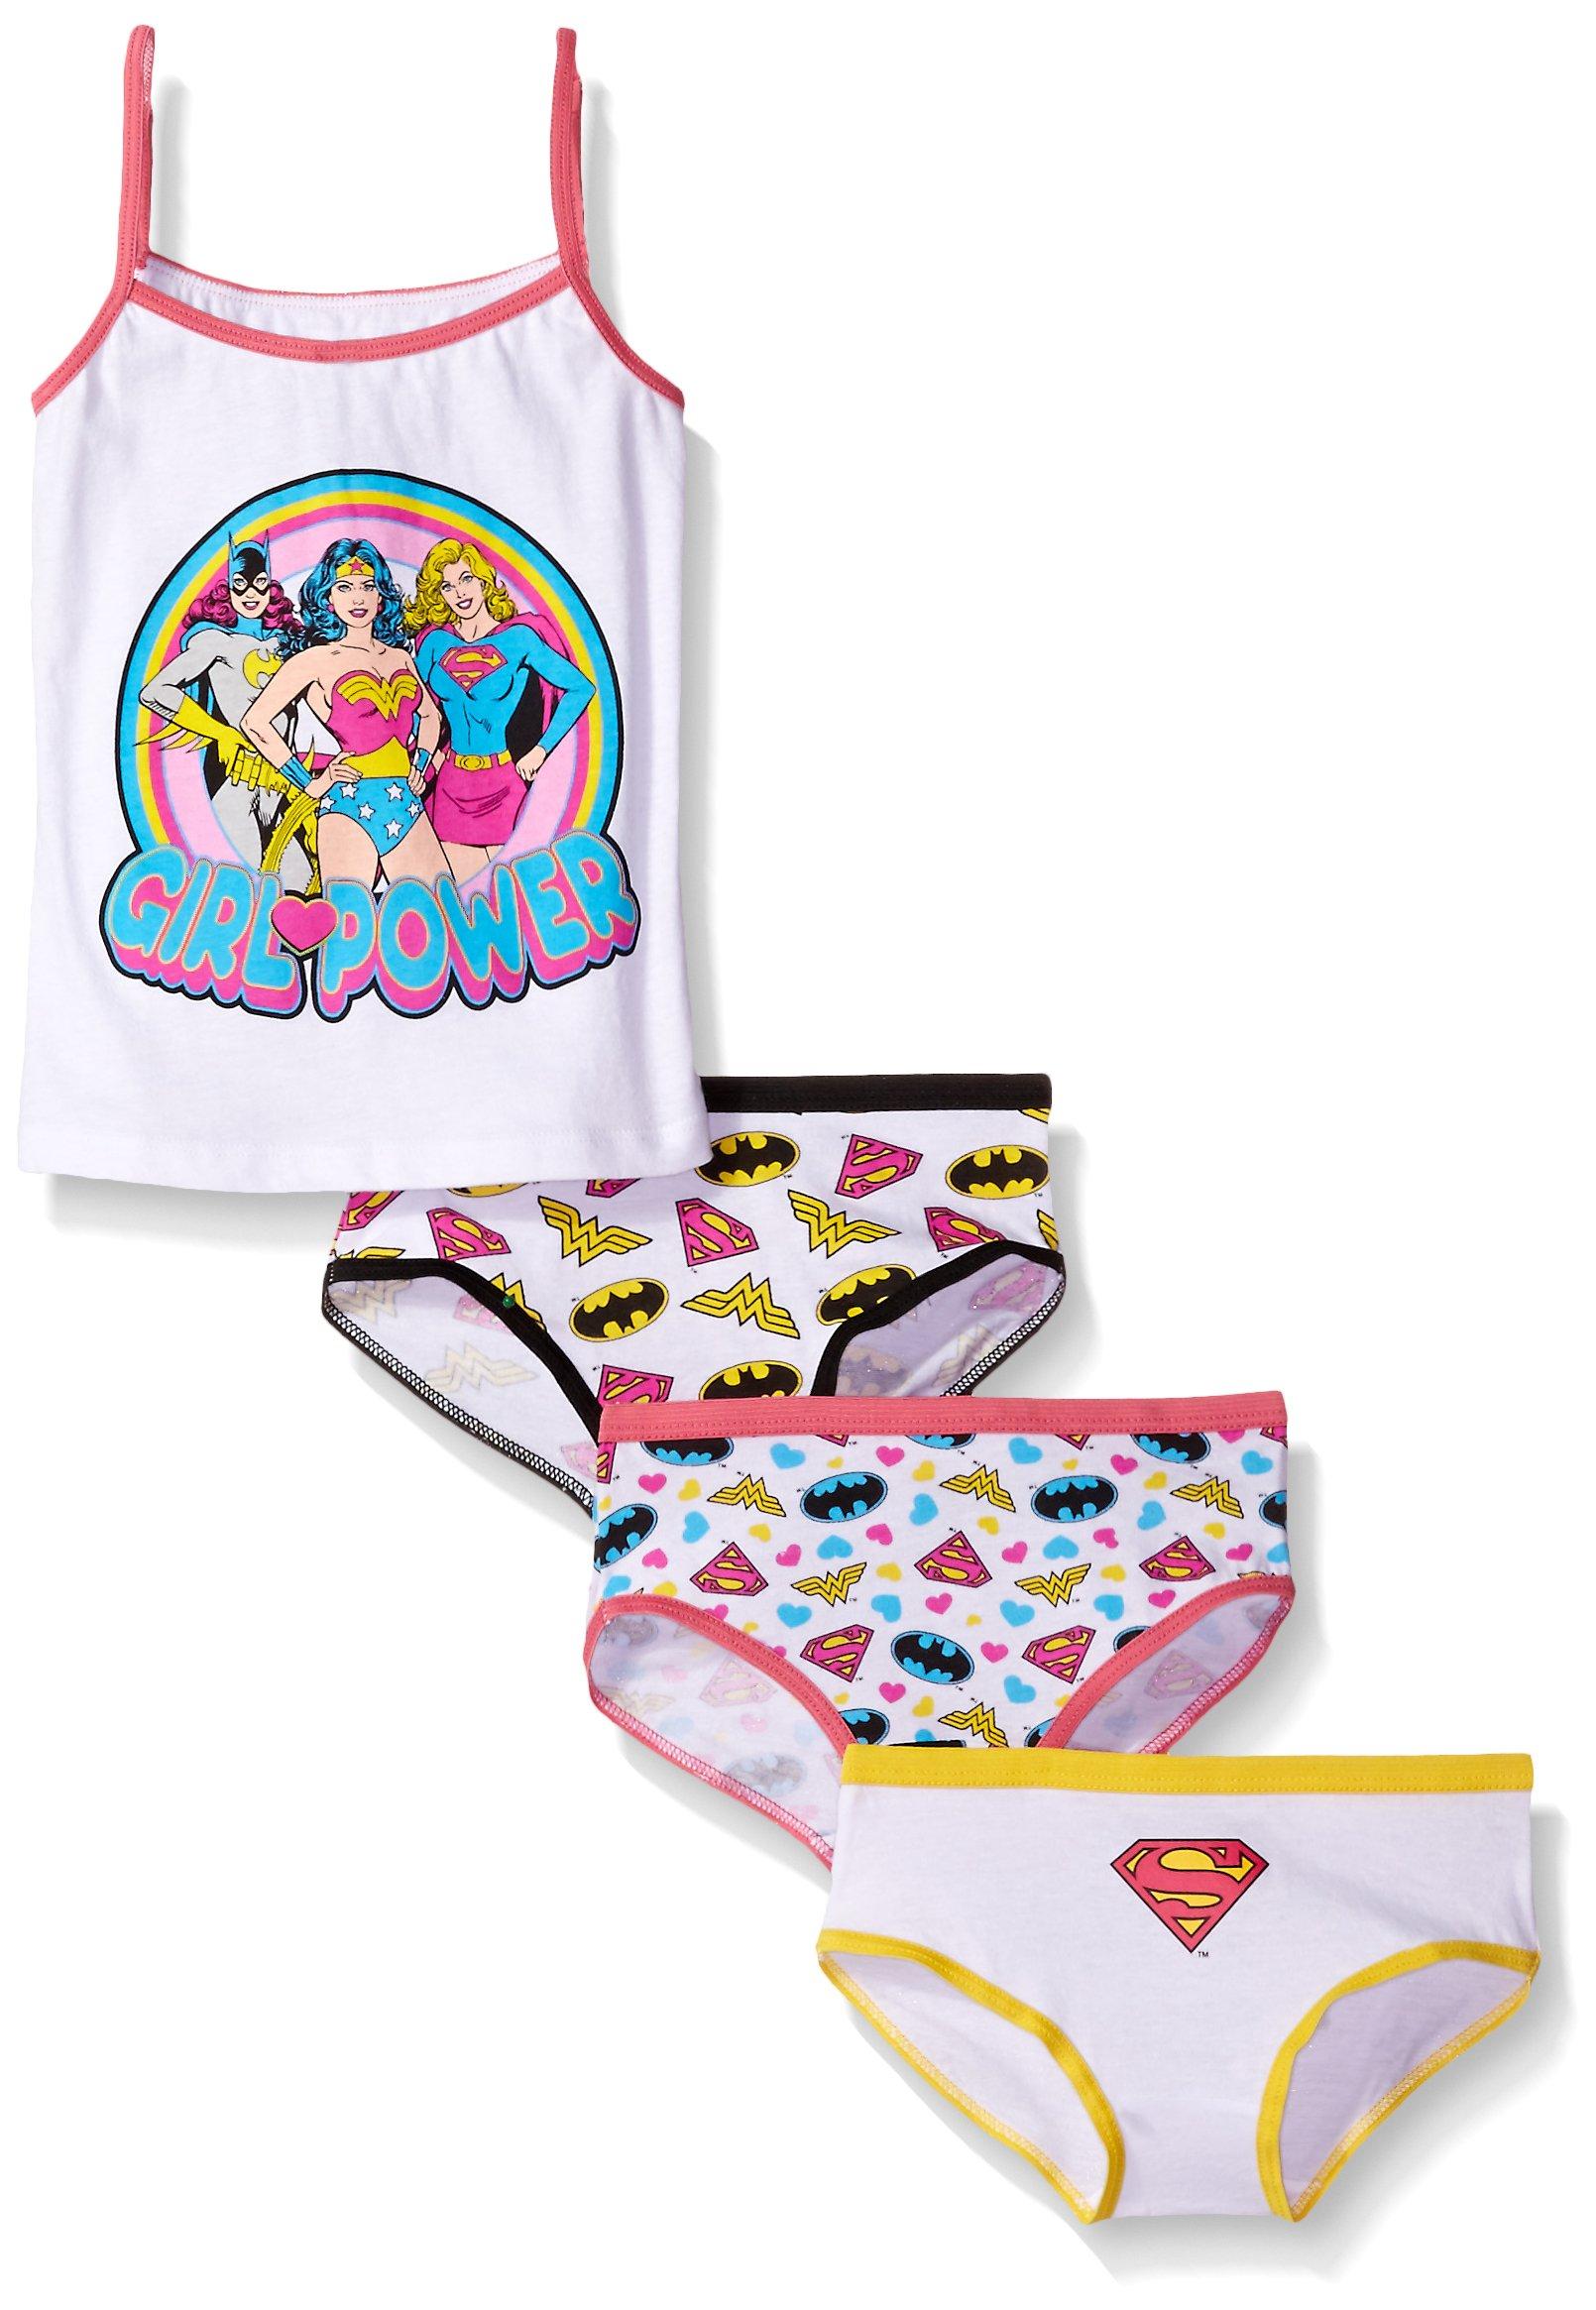 DC Comics Little Girls' Girl Power 3 Pk Underwear and Tank Set, Assorted, 6